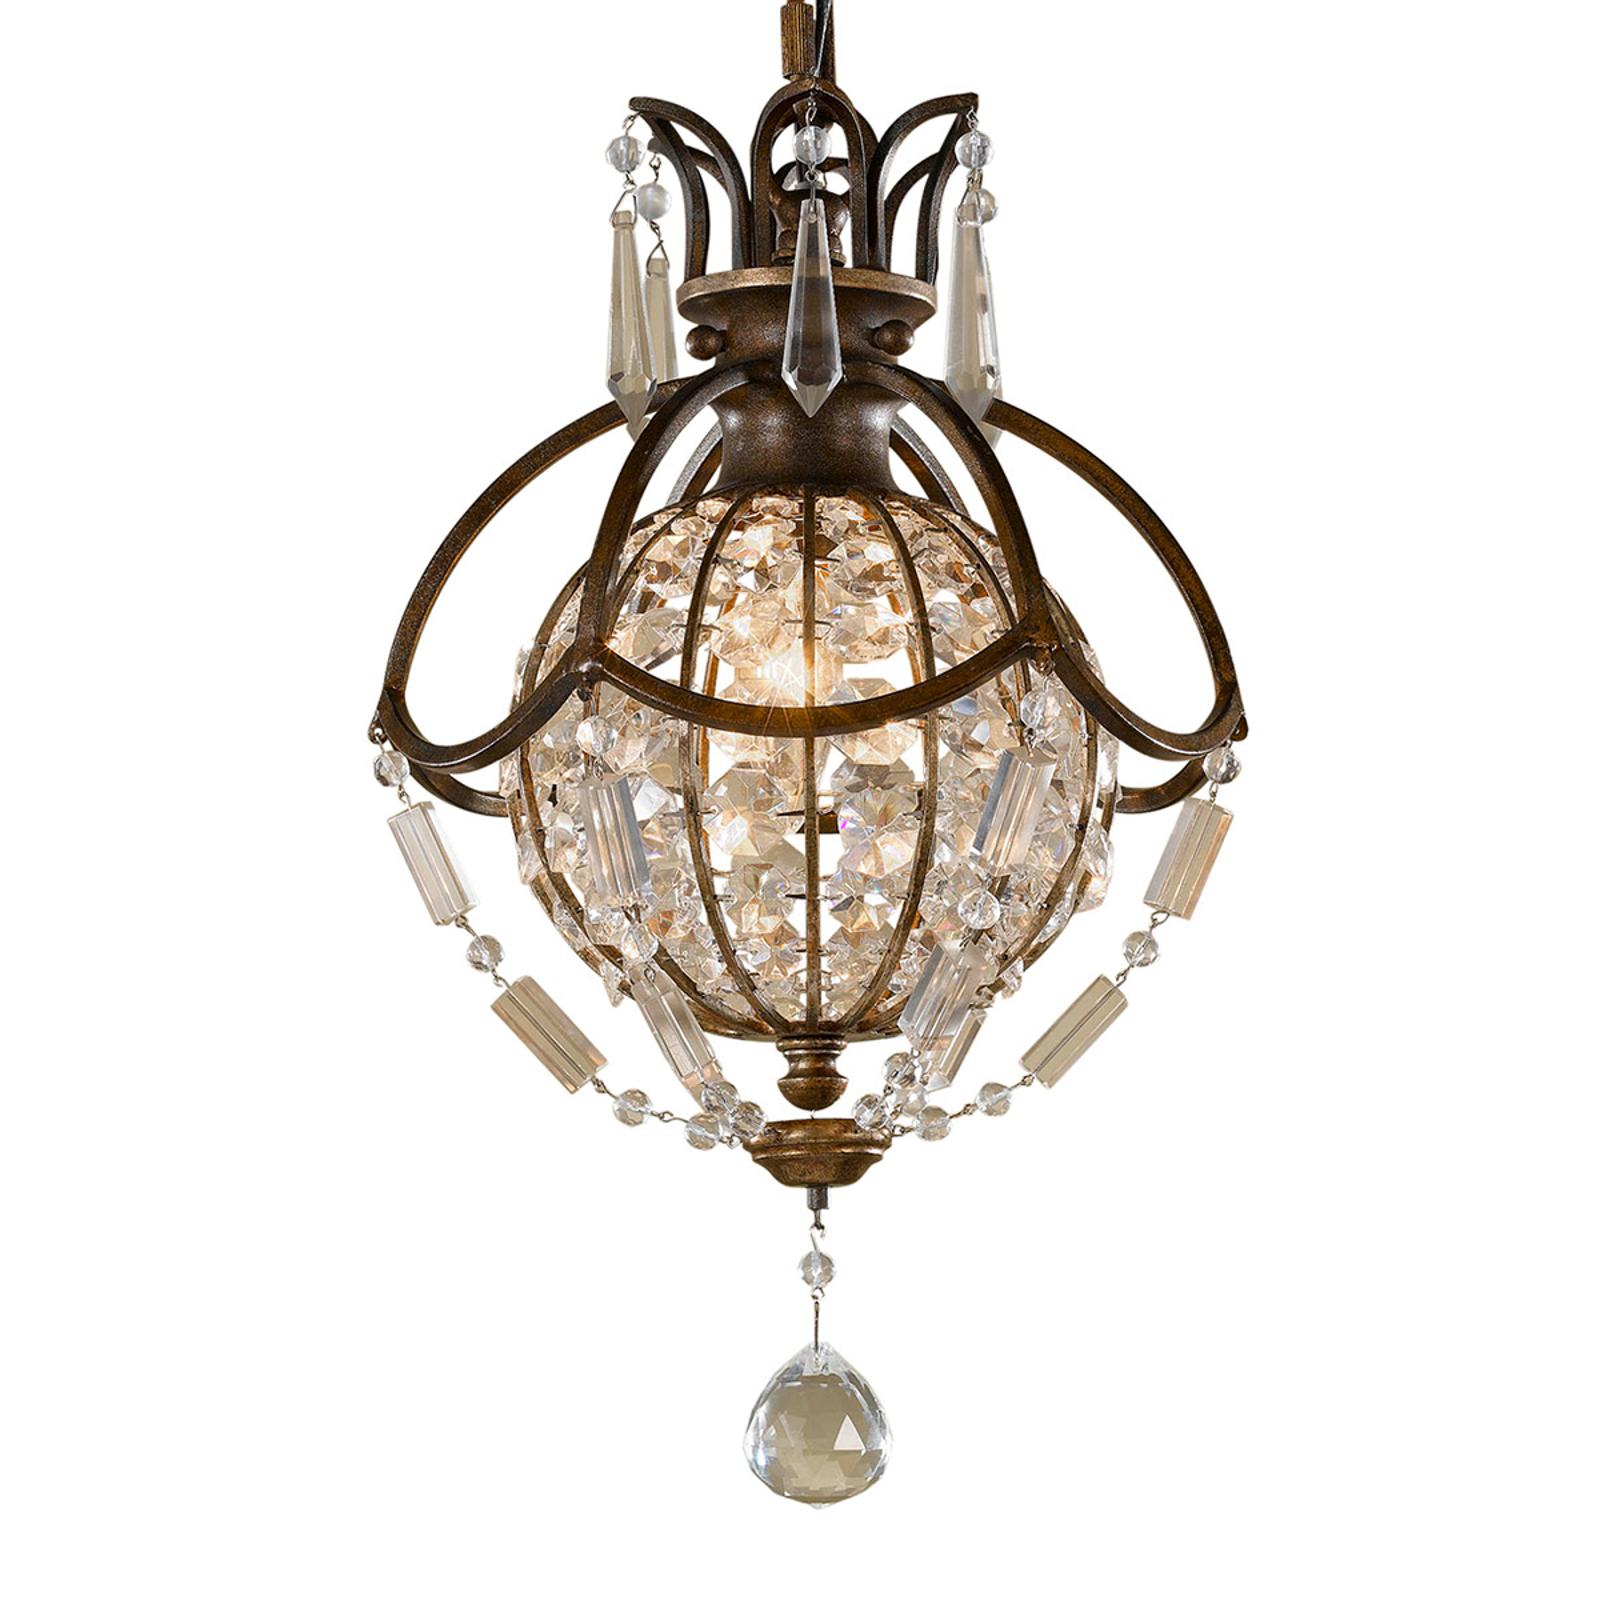 Ozdobná závesná lampa Bellini_3048248_1